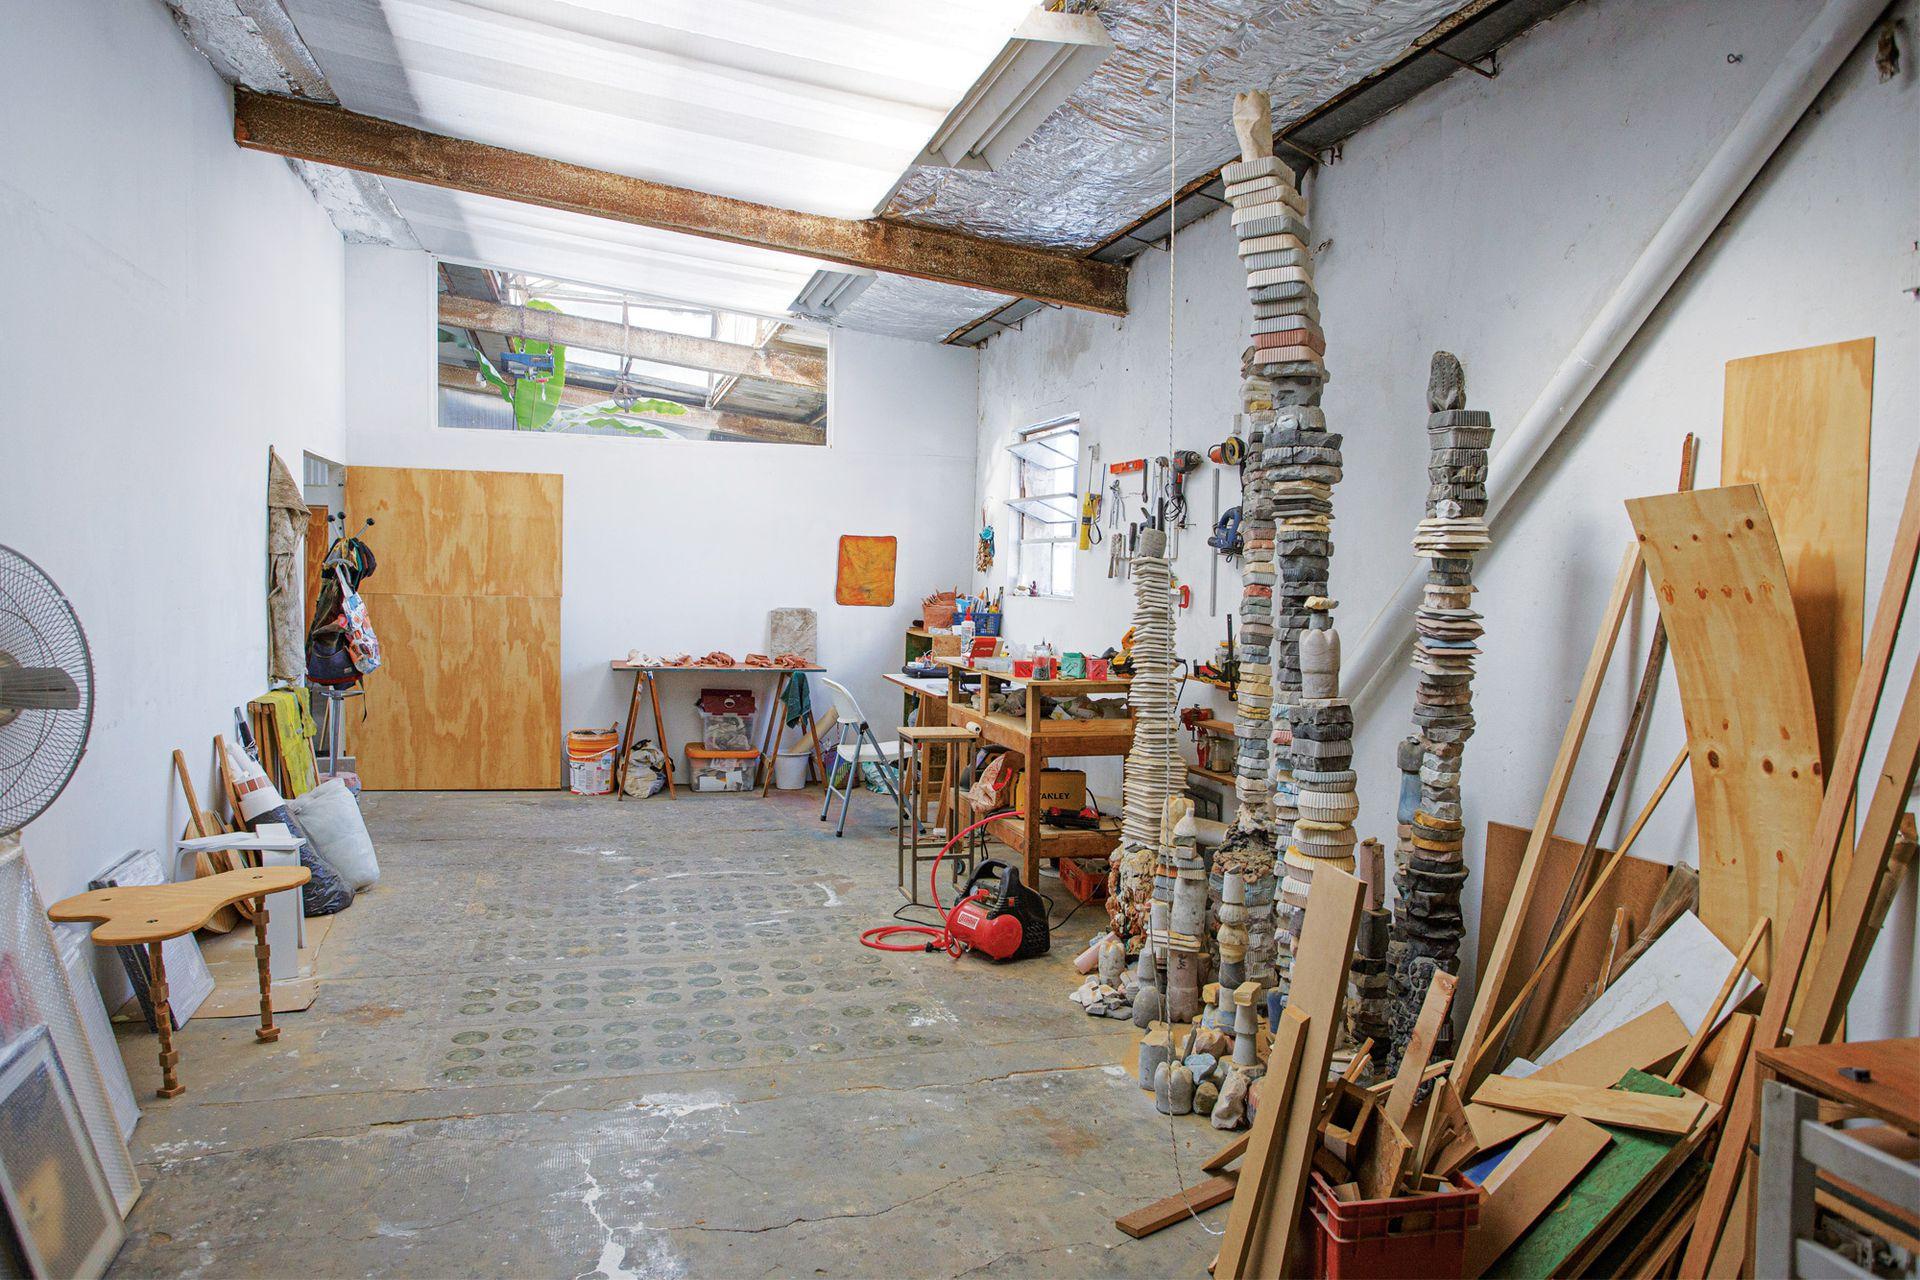 Uno de los espacios de taller Maturín, en donde, a diferencia de los otros talleres, cada artista tiene su estudio a puertas cerradas